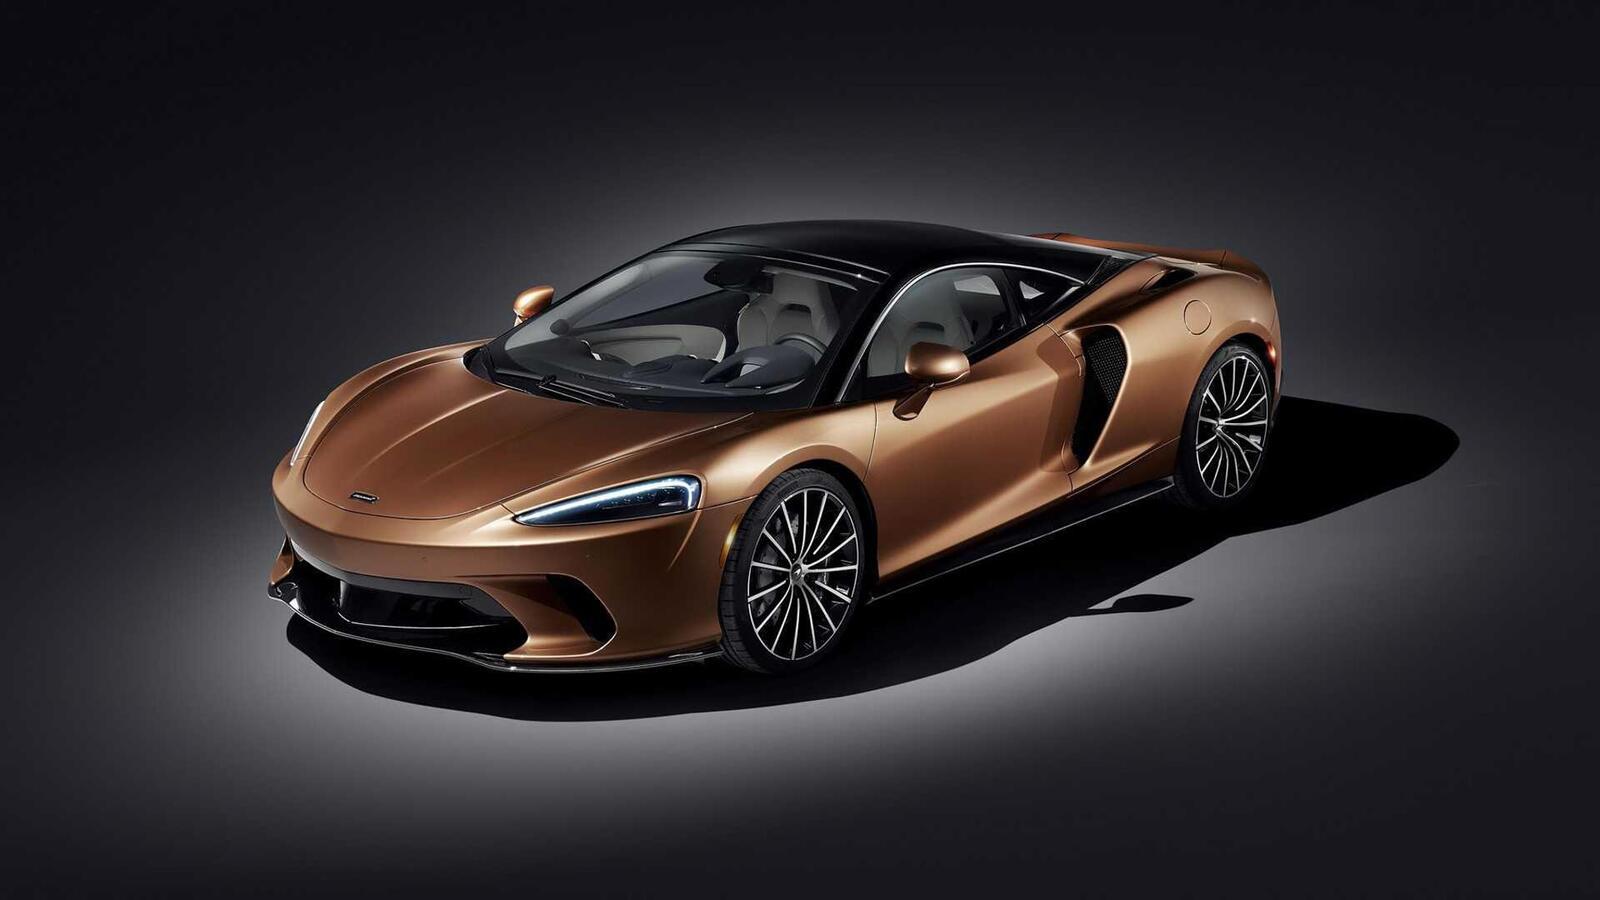 McLaren giới thiệu siêu xe GT 2020 hoàn toàn mới: Động cơ mạnh mẽ và cabin thoải mái - Hình 22